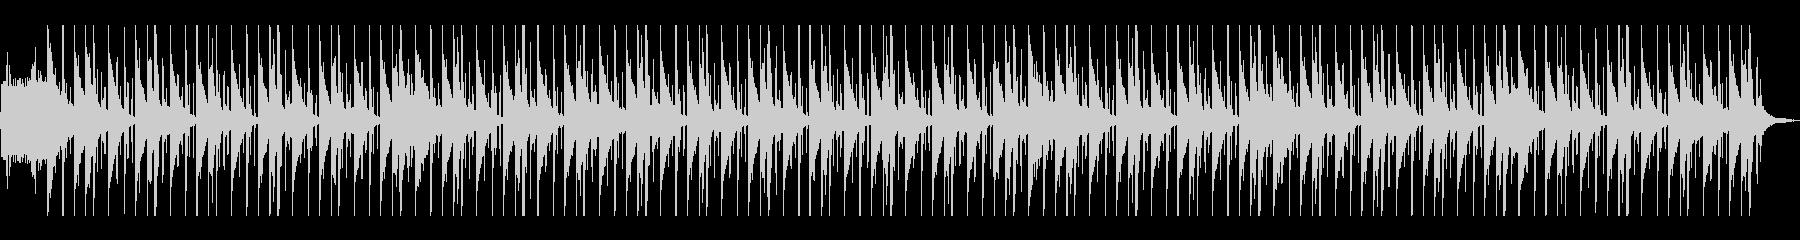 パーカッション4ヘビーラップ、SF...の未再生の波形